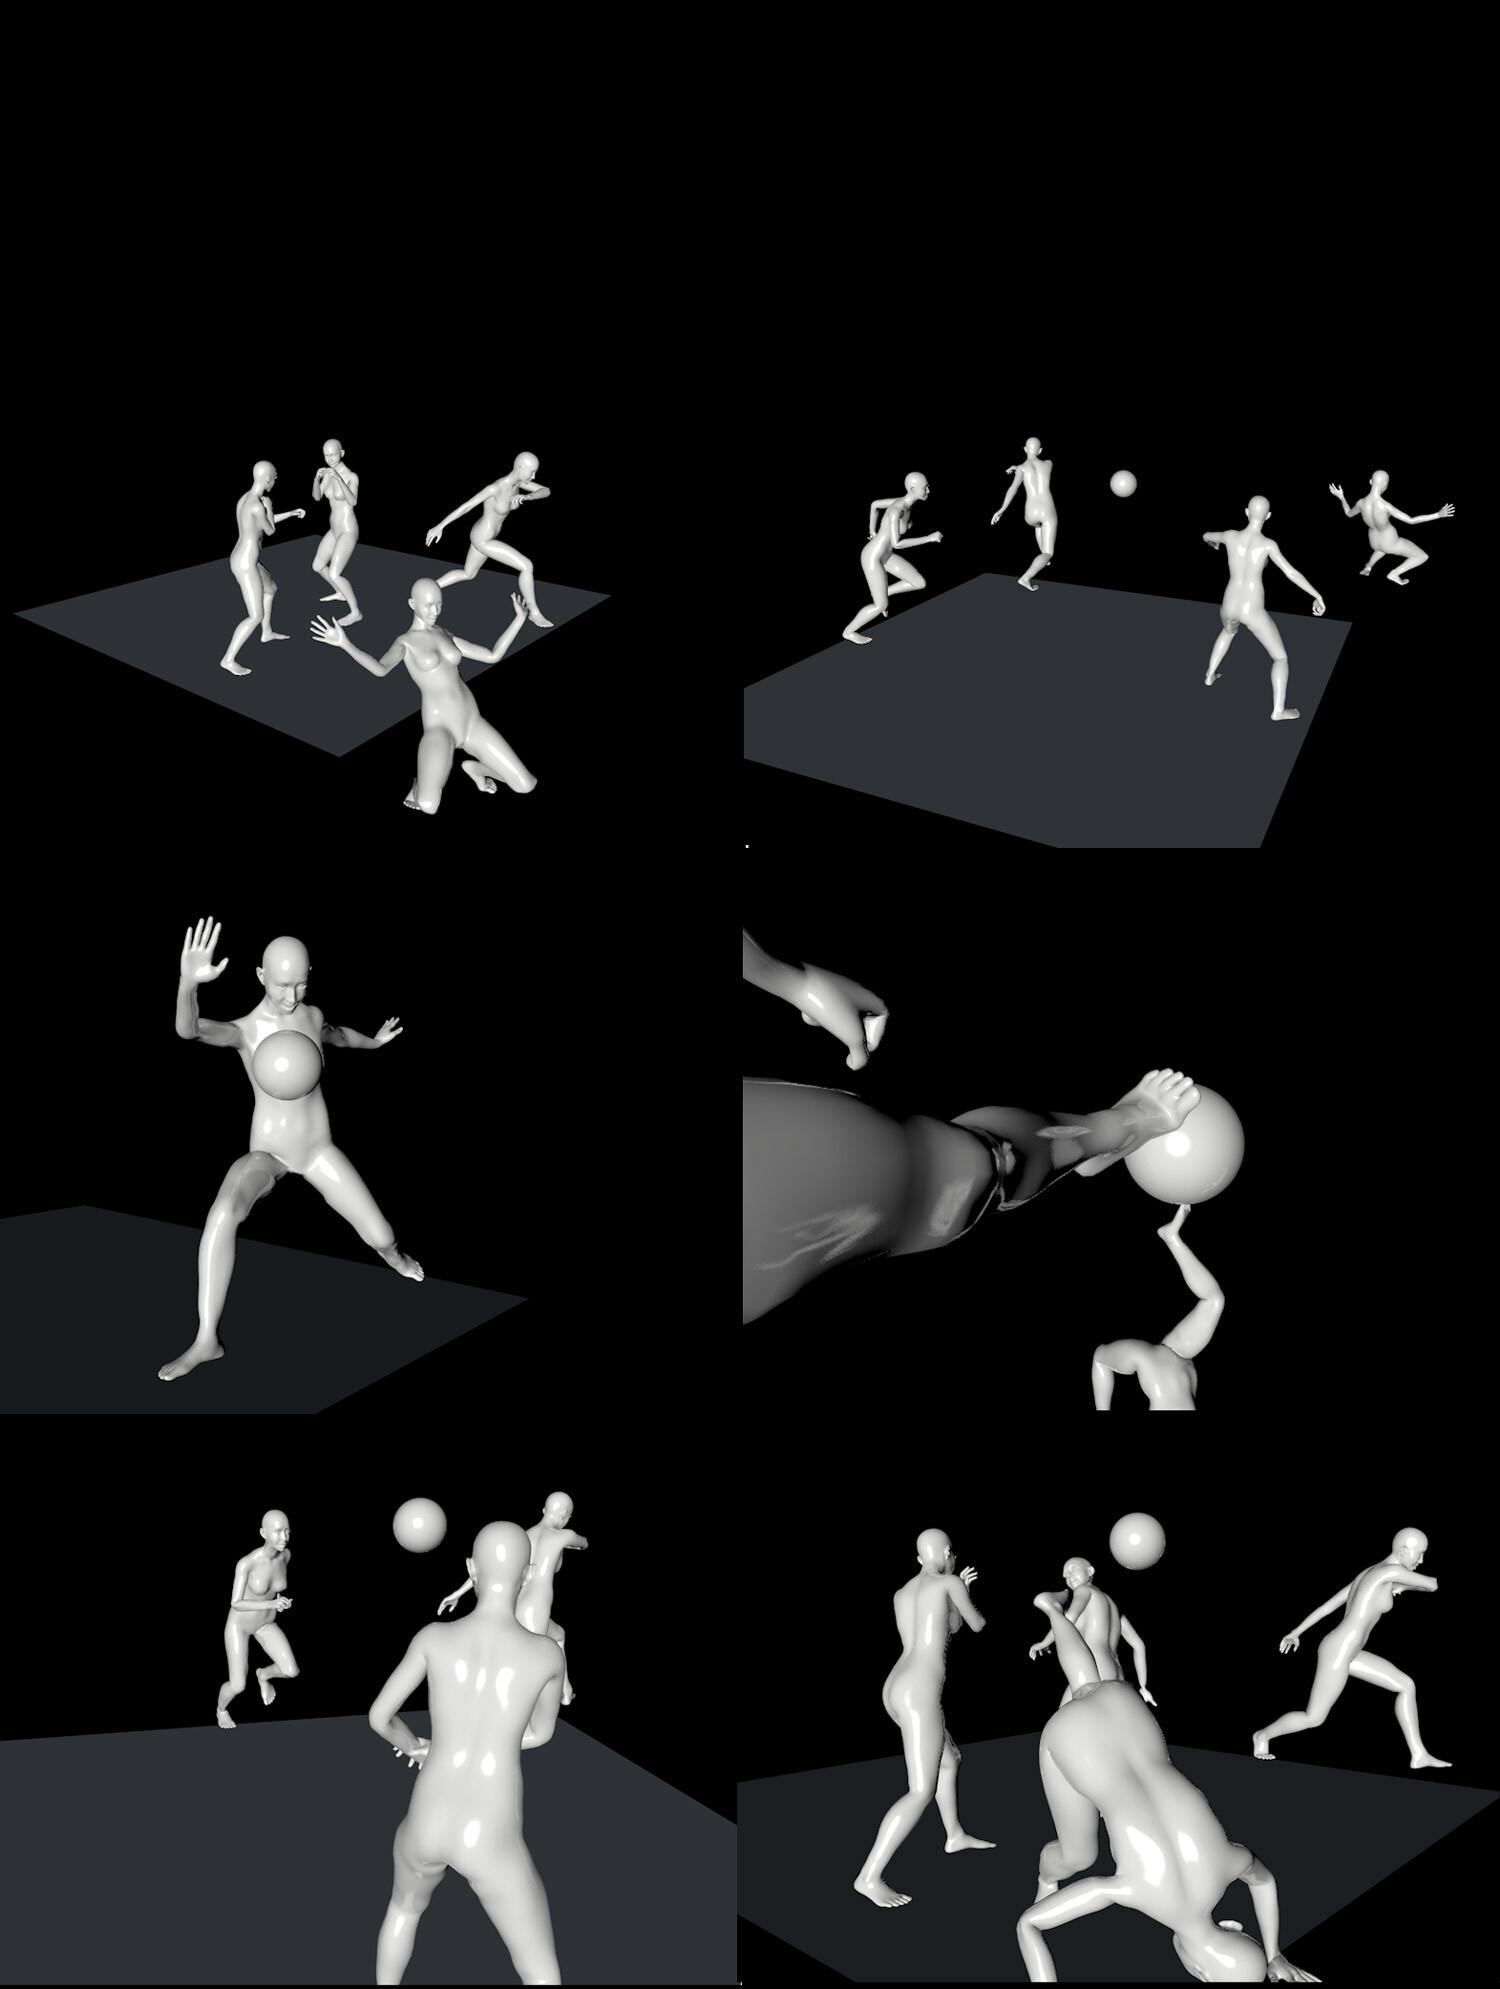 ArtStation - Kicking Dolls, Pieter Dorst